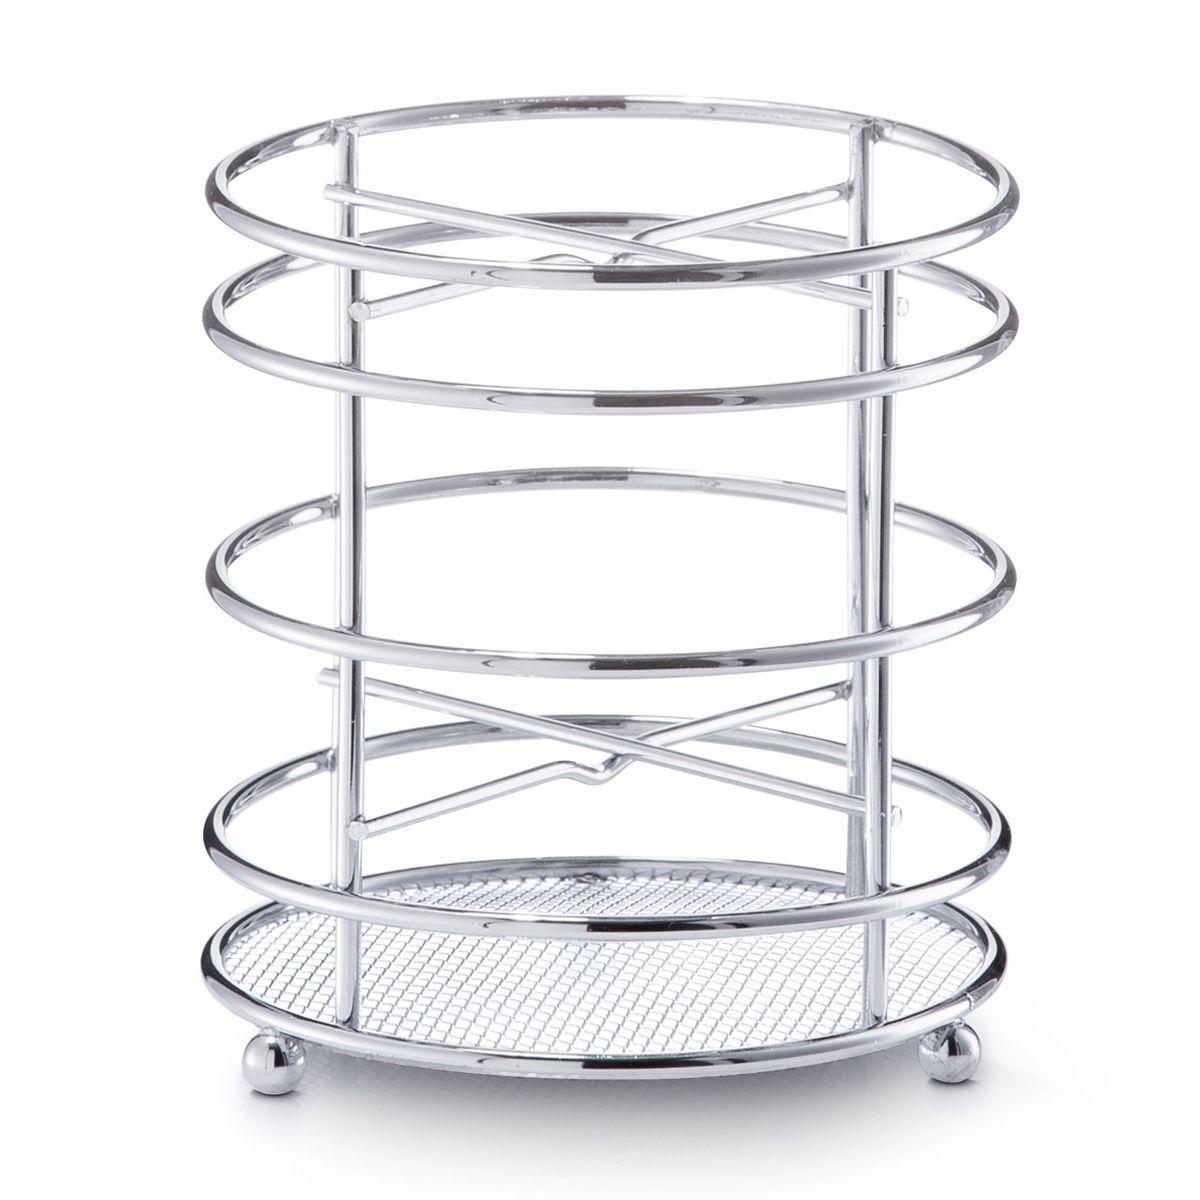 Подставка для кухонных принадлежностей Zeller, высота 13 см24868Подставка Zeller предназначена для удобного хранения и перемещения кухонных принадлежностей. Подставка выполнена из высококачественного металла. Каждая хозяйка знает, что подставка для кухонных принадлежностей - это незаменимый и очень полезный аксессуар на кухне. Диаметр подставки (по верхнему краю): 12 см. Высота подставки: 13 см.